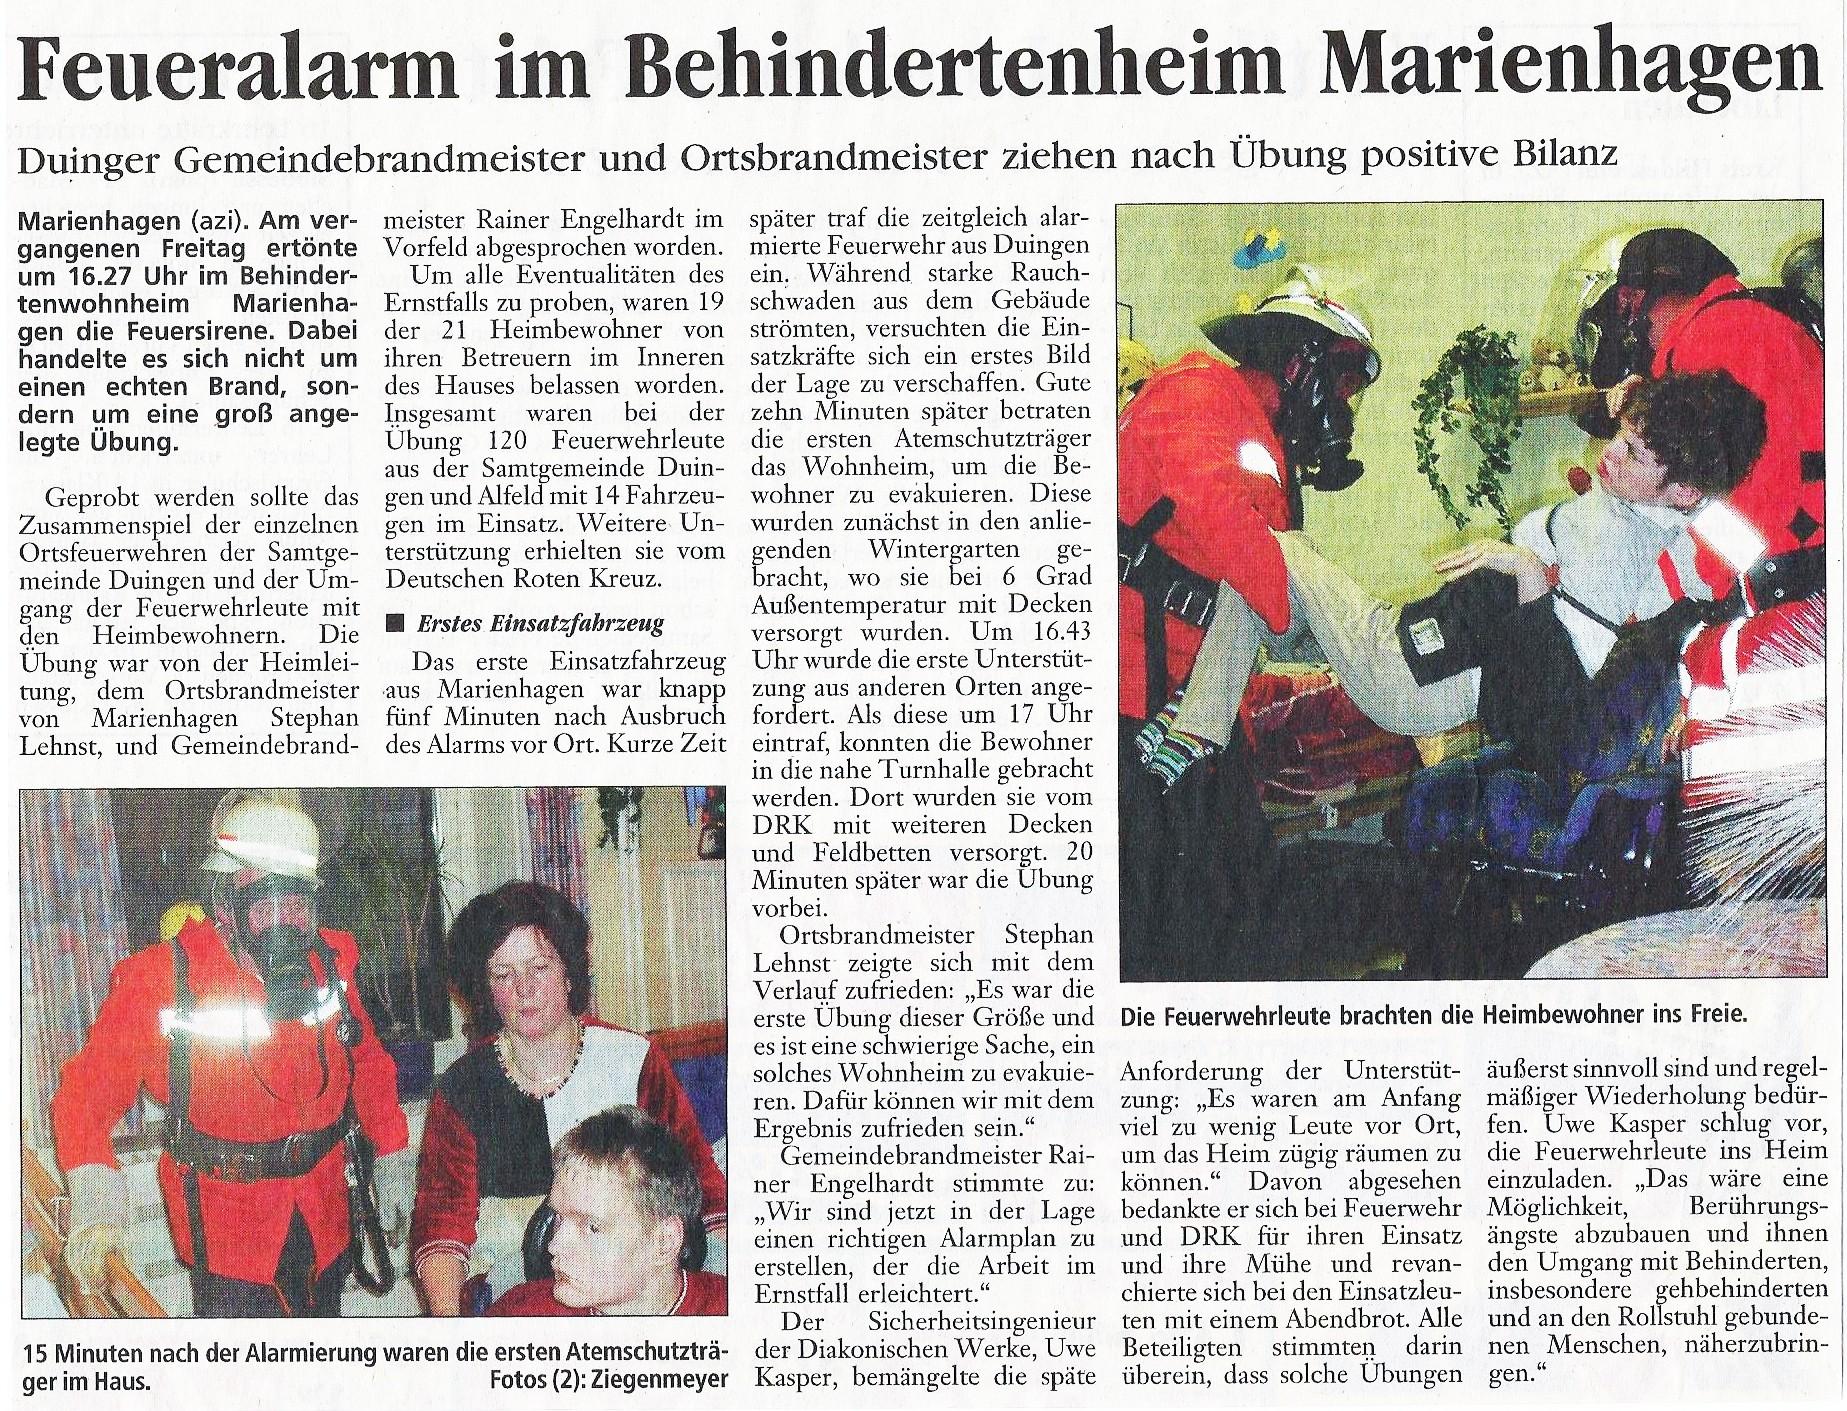 2002-11-11 Feueralarm im Behindertenheim Marienhagen